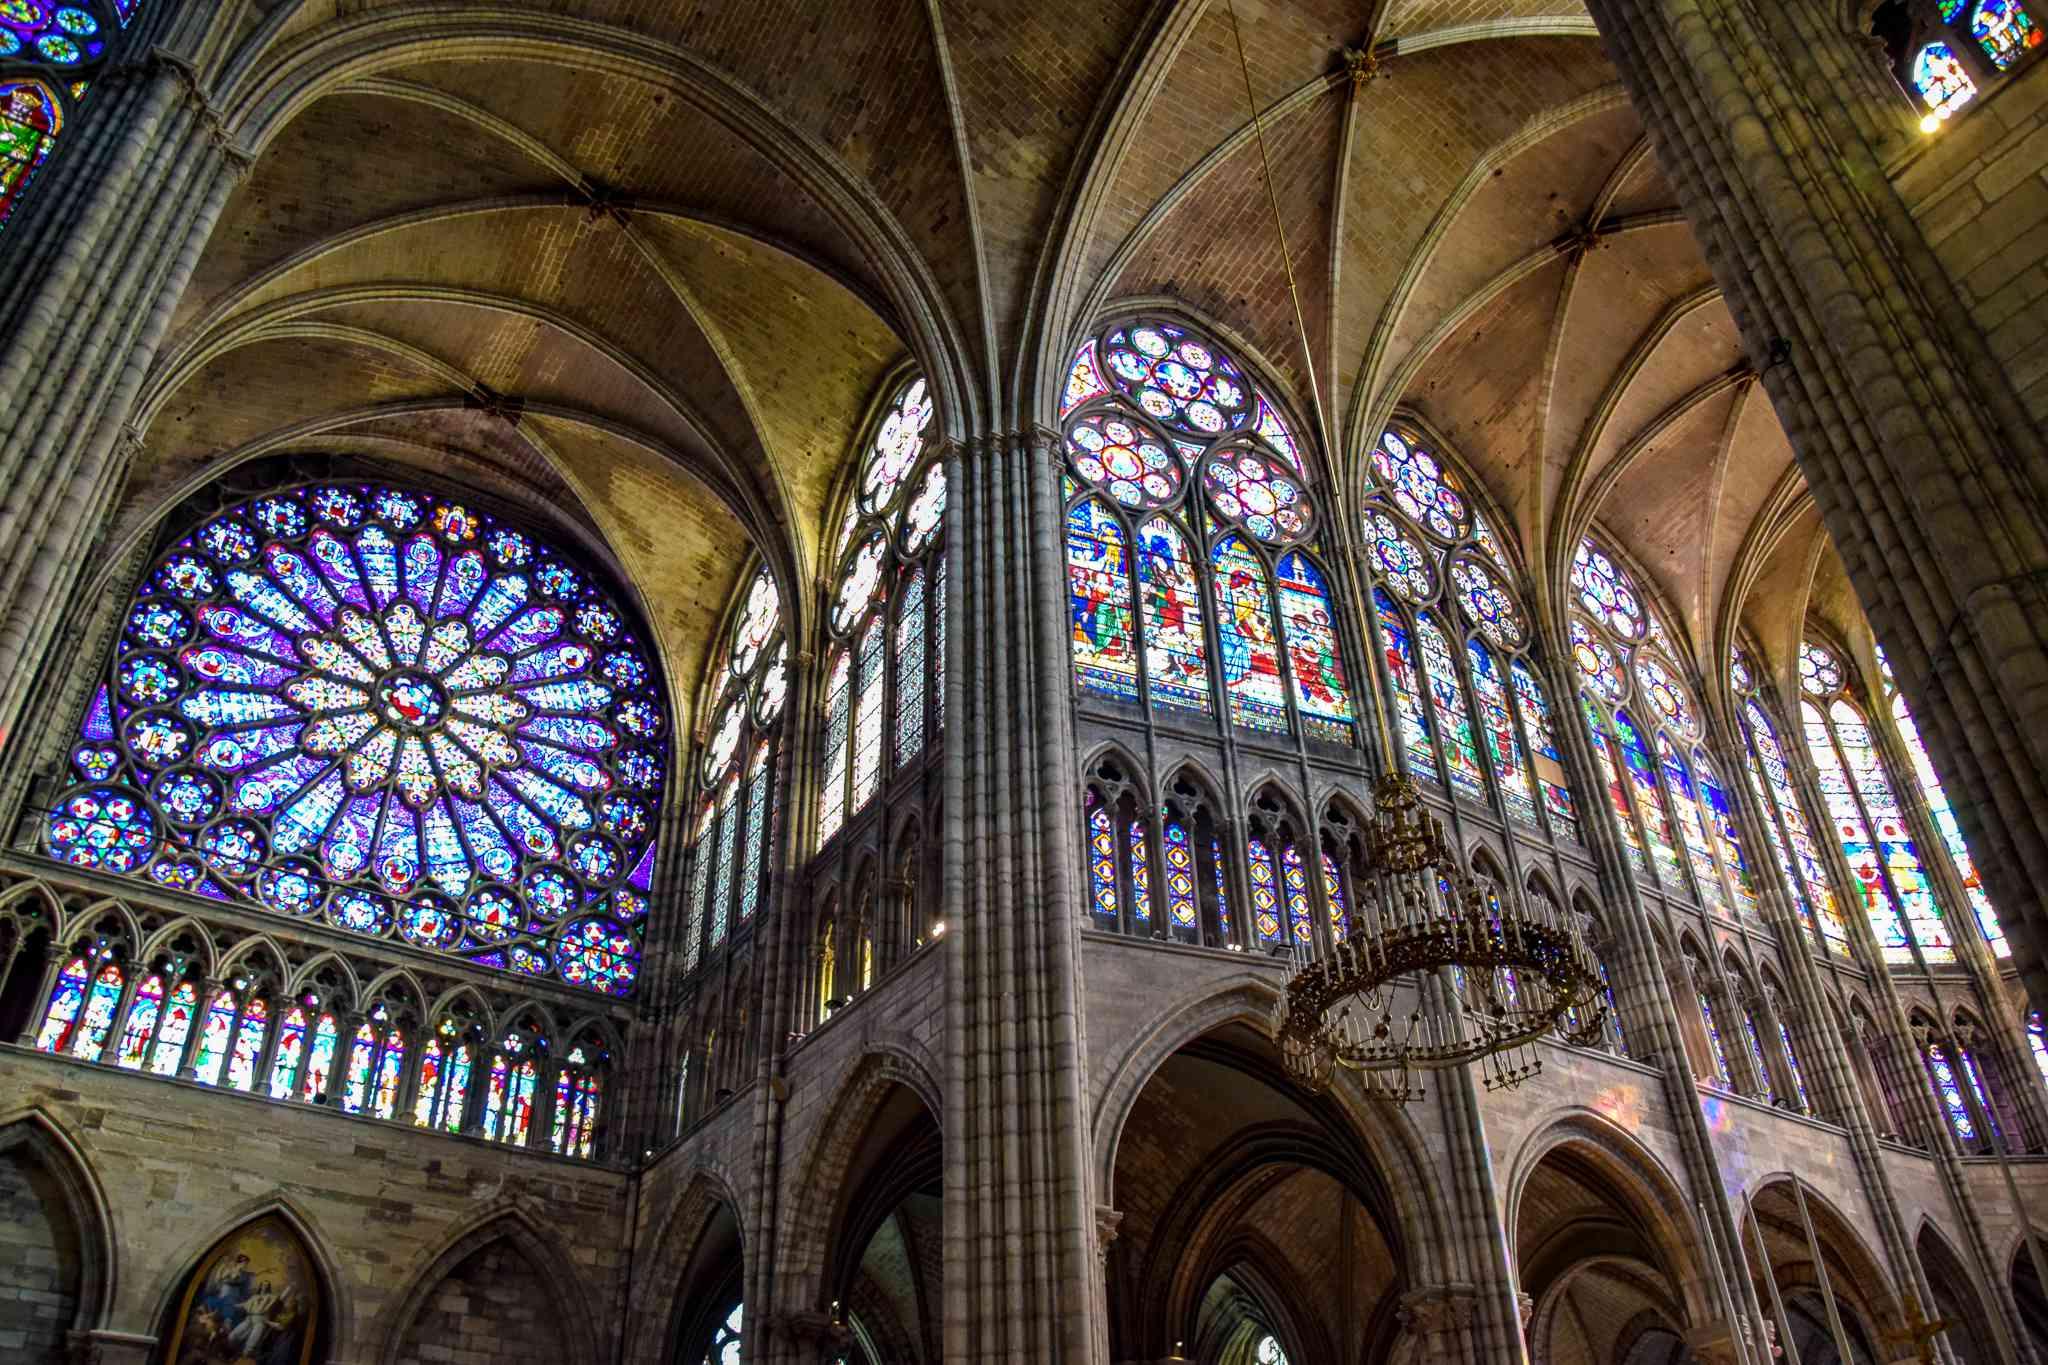 Saint-Denis Basilica in Paris